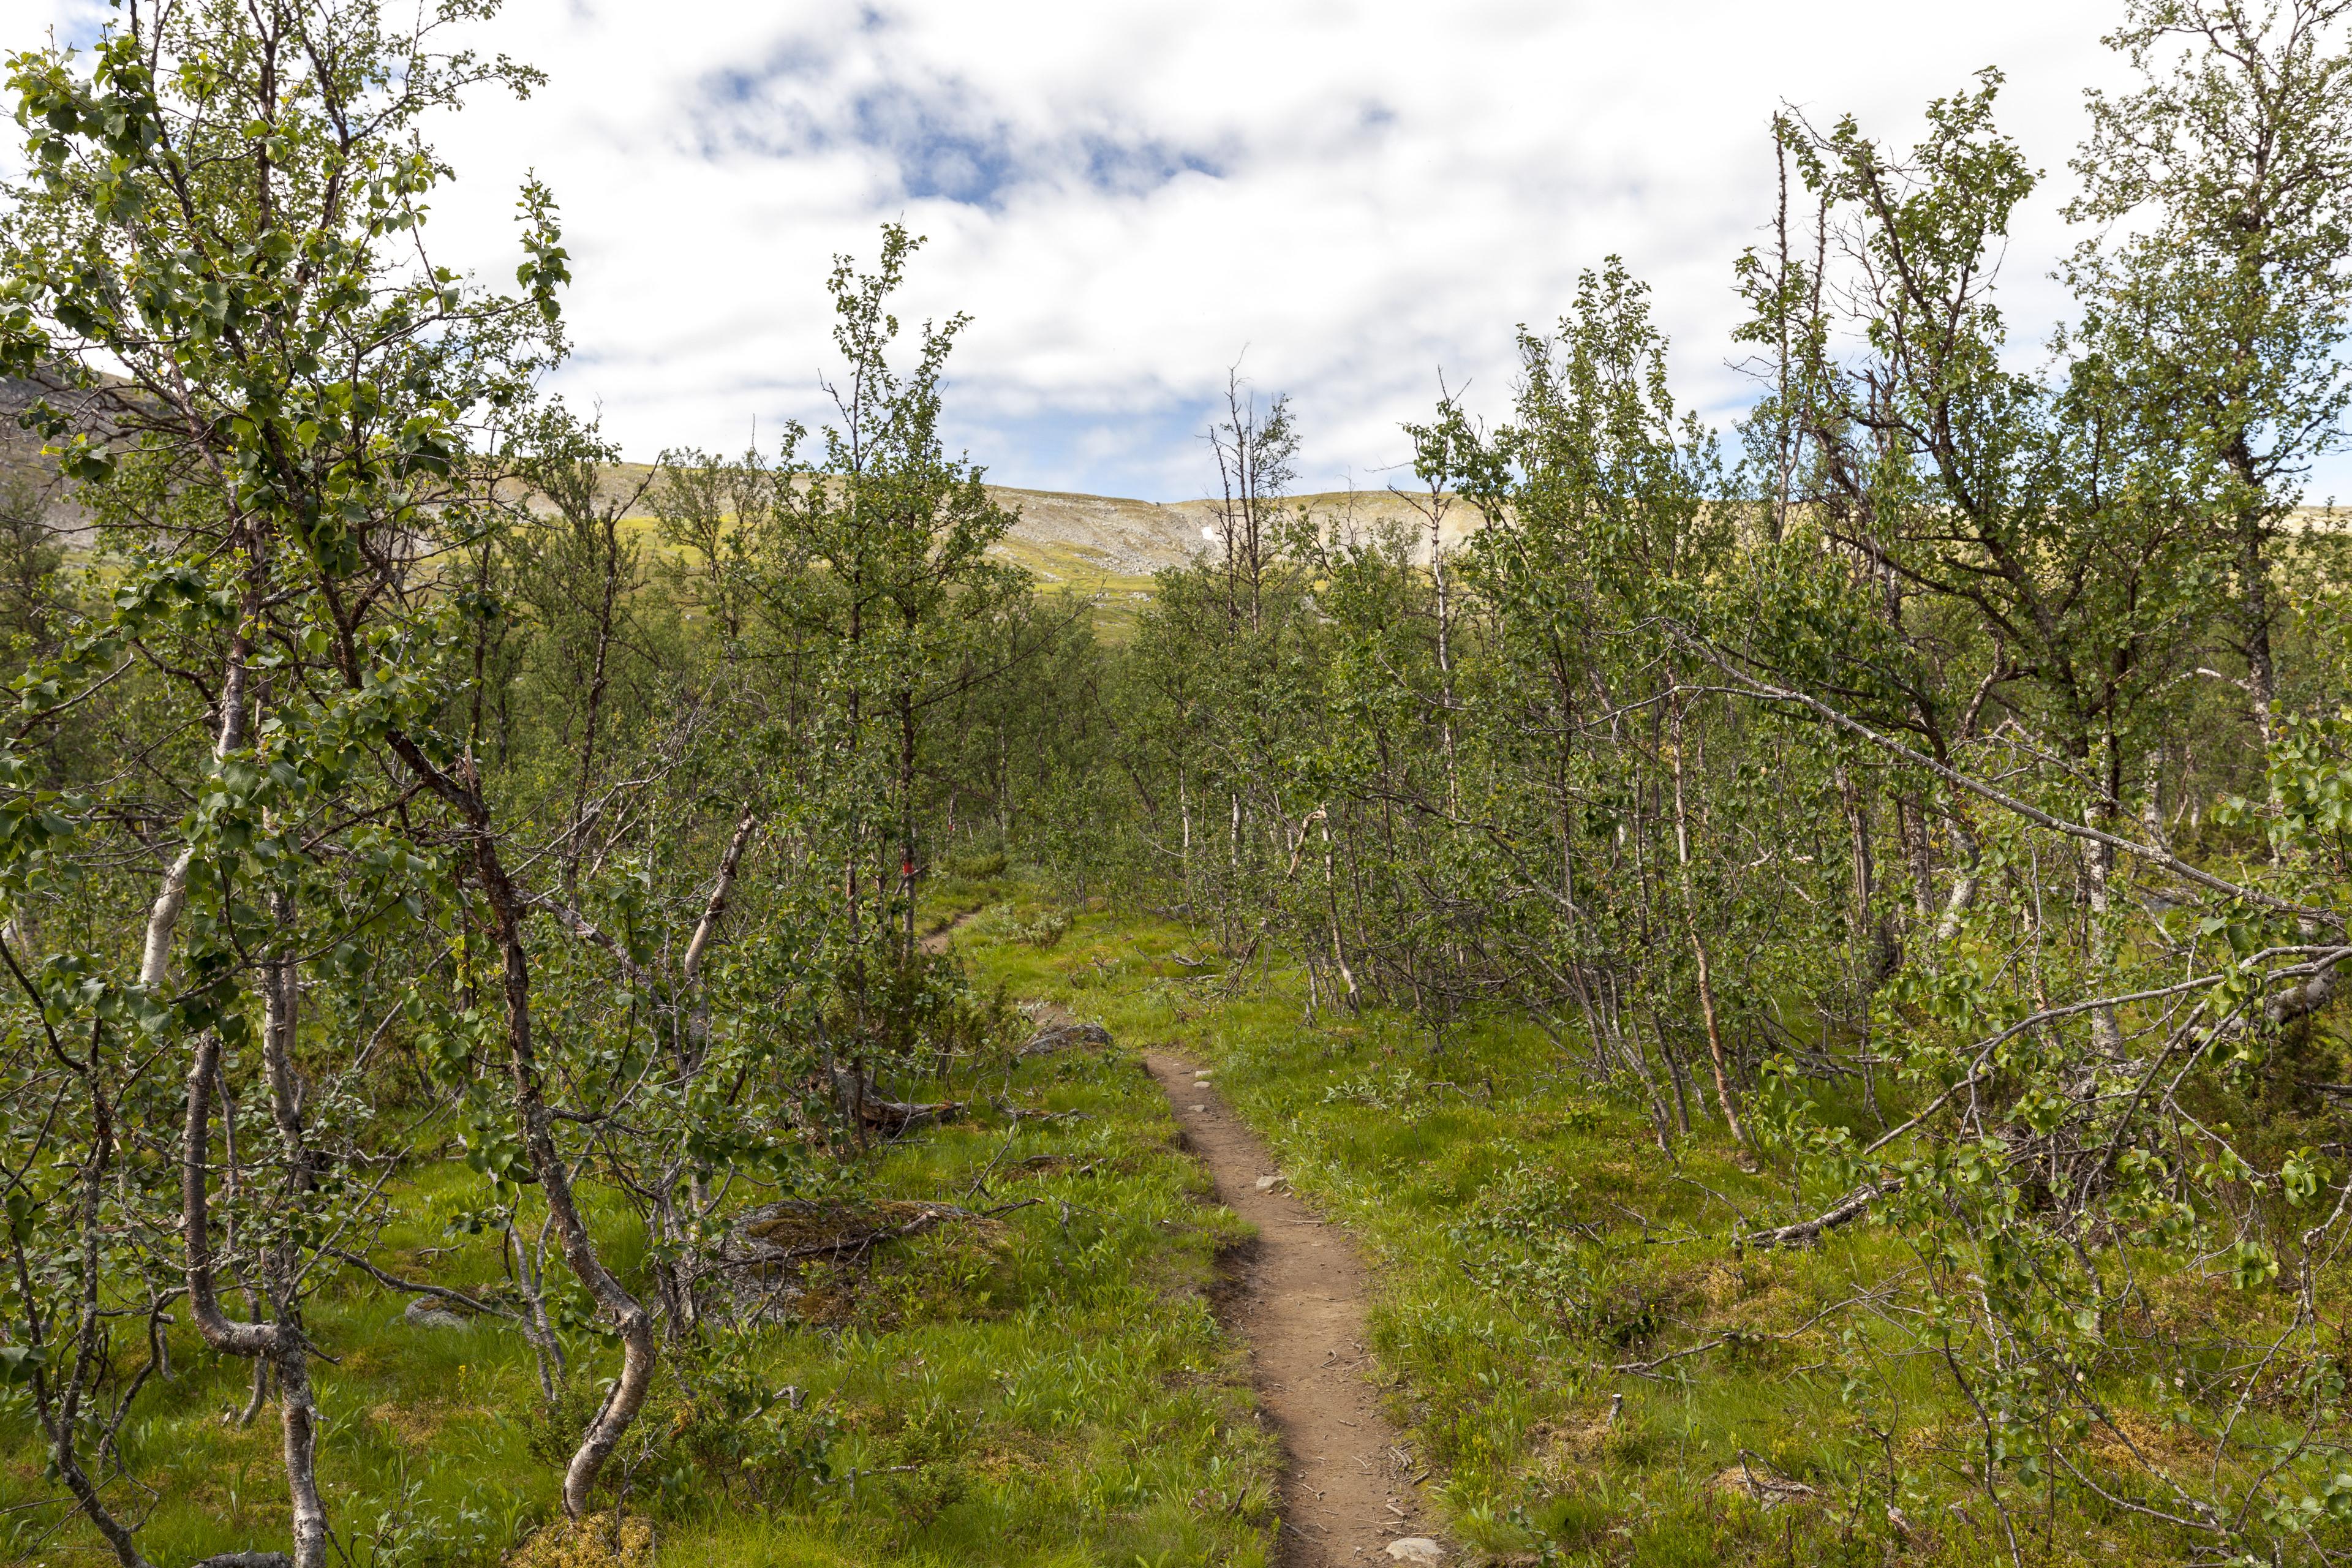 Der Weg führt durch den Birkenwald,©Markus Proske—Canon EOS 5D Mark II, EF16-35mm f/4L IS USM, 35mm, 1/125s, Blende 8, ISO 200